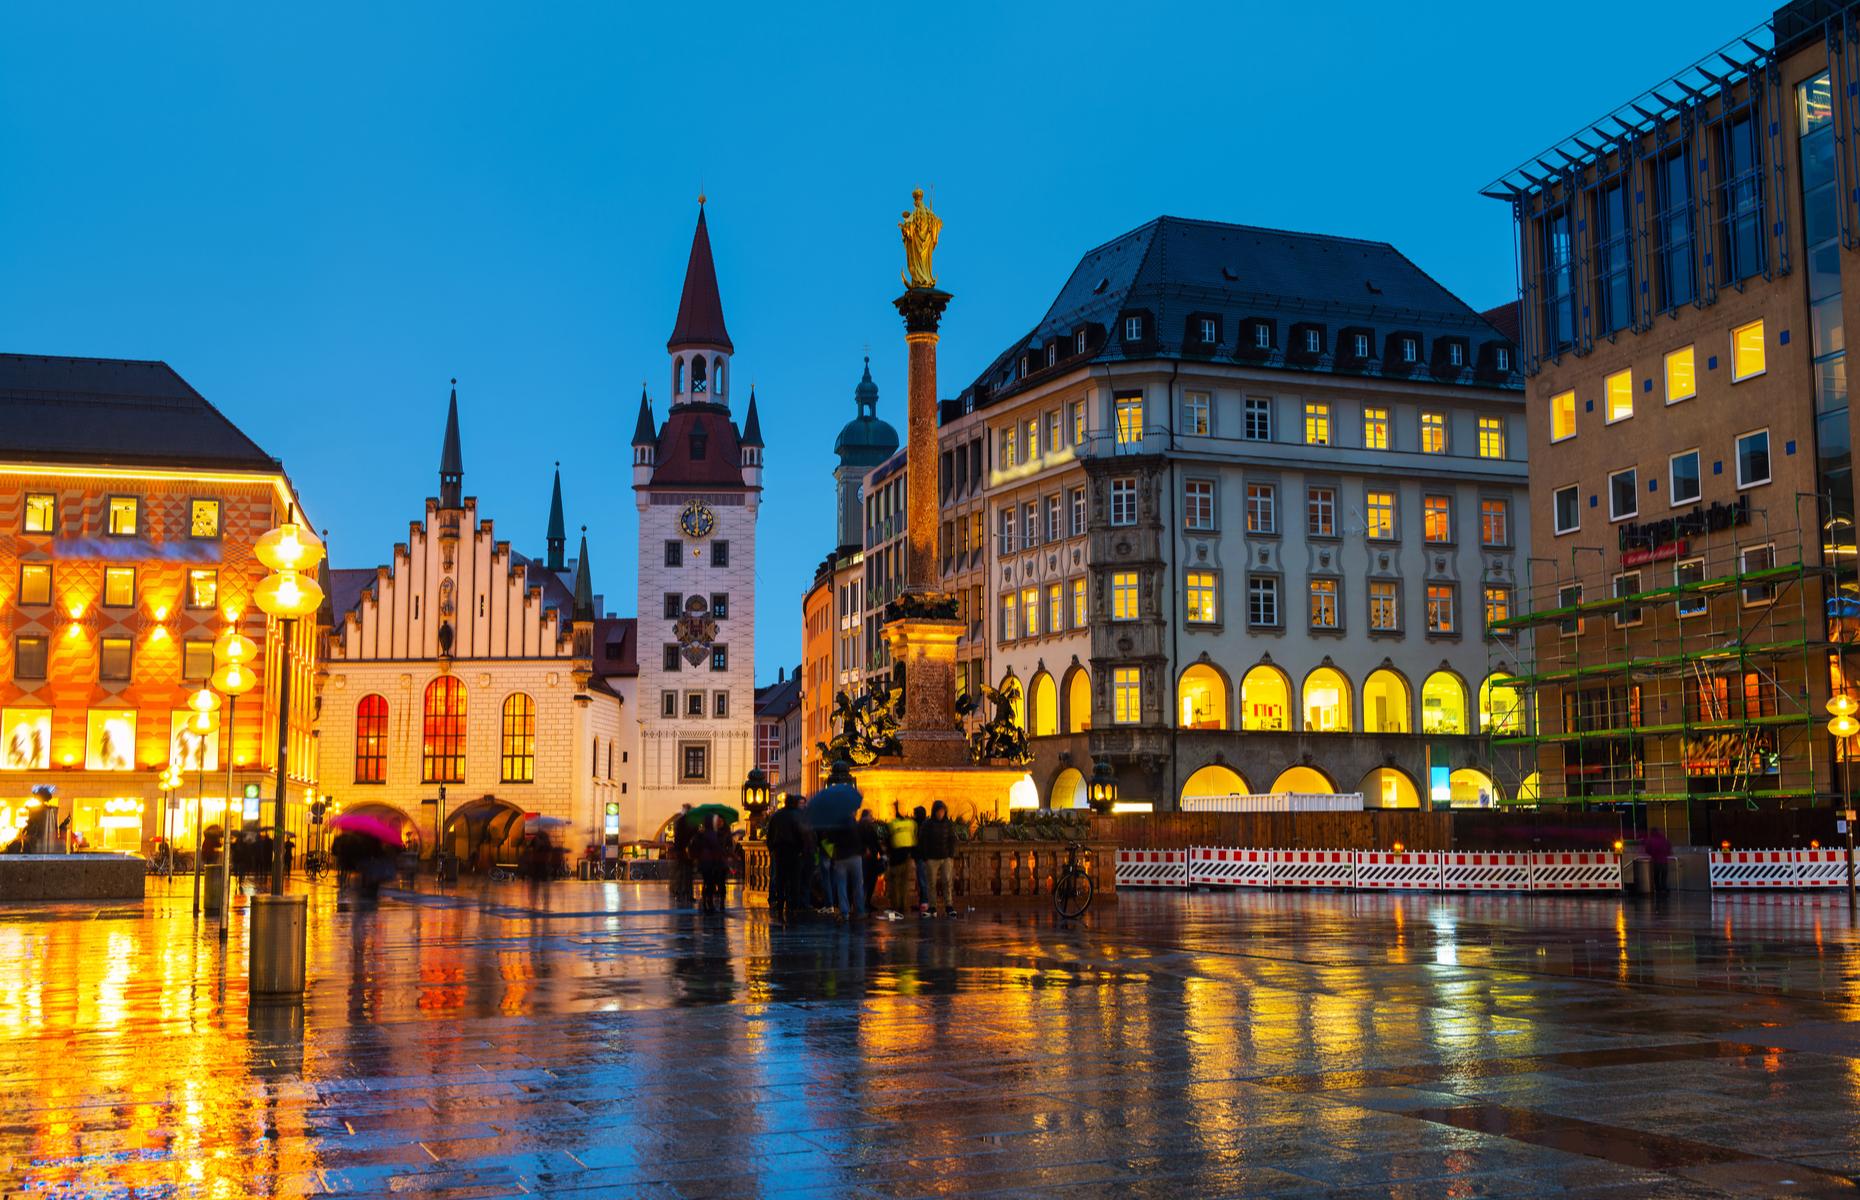 Munich square